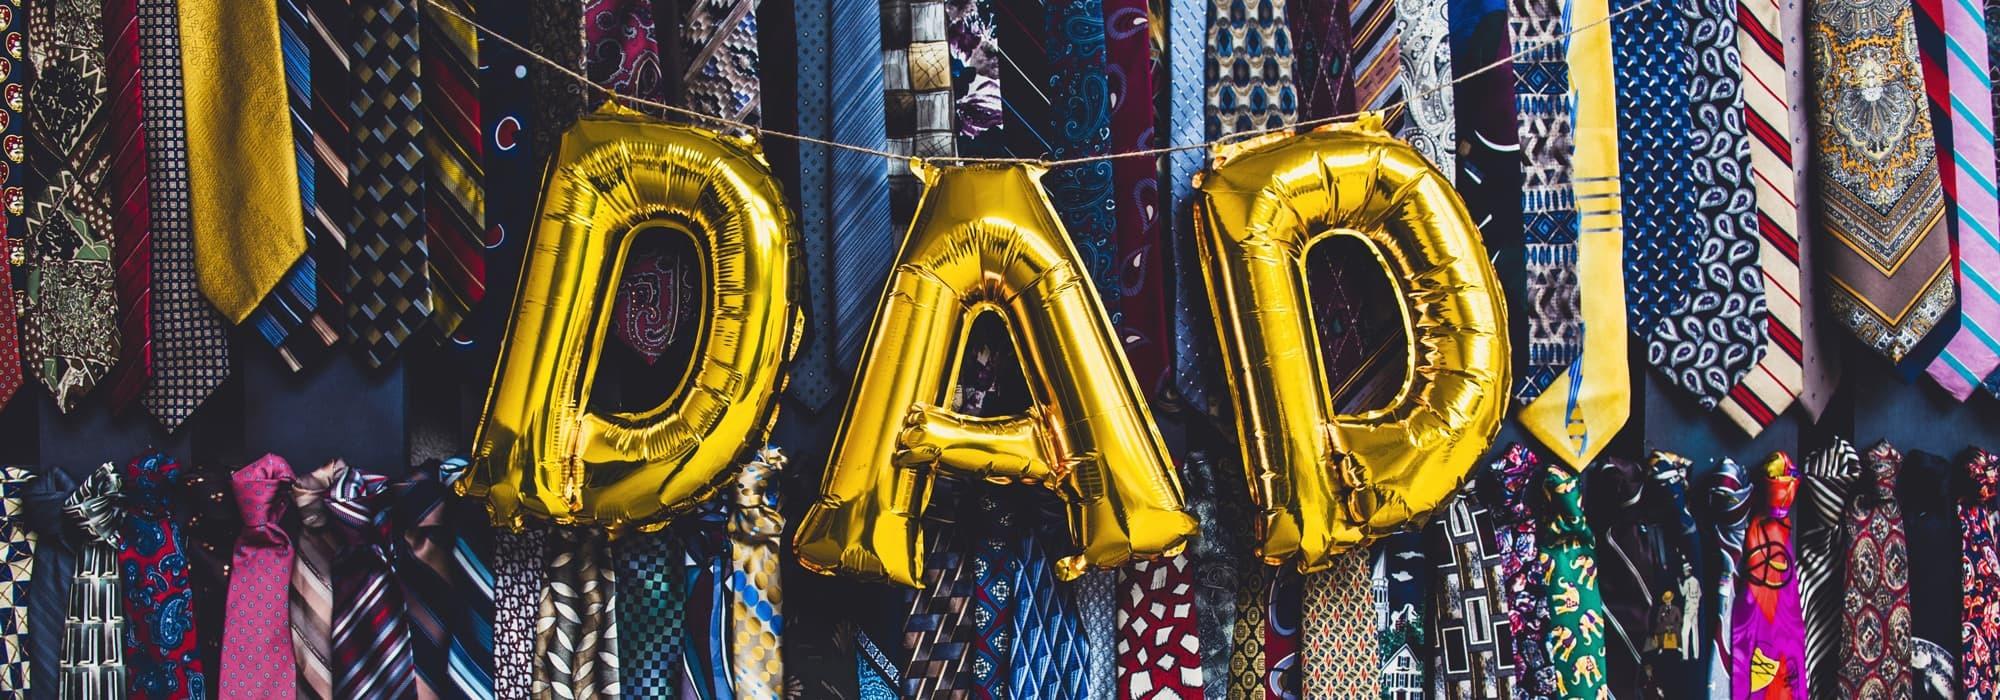 10款實用父親節禮物推薦|送給爸爸一個不一樣的2021|Kama Delivery到會服務專家